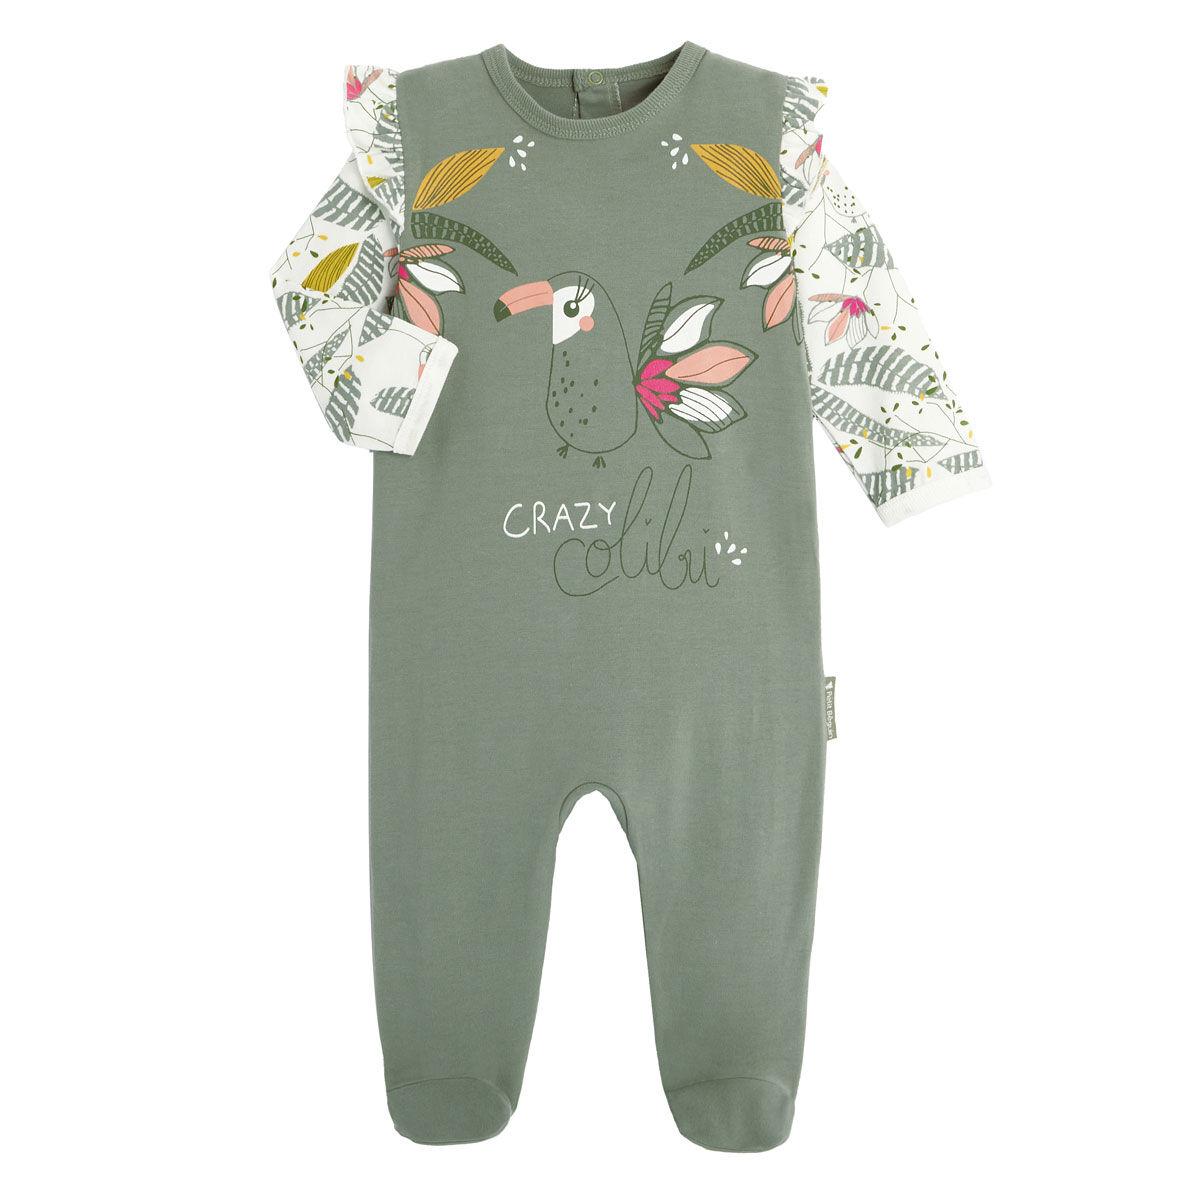 Petit Béguin Pyjama bébé contenant du coton bio Crazy Colibri - Taille - 6 mois